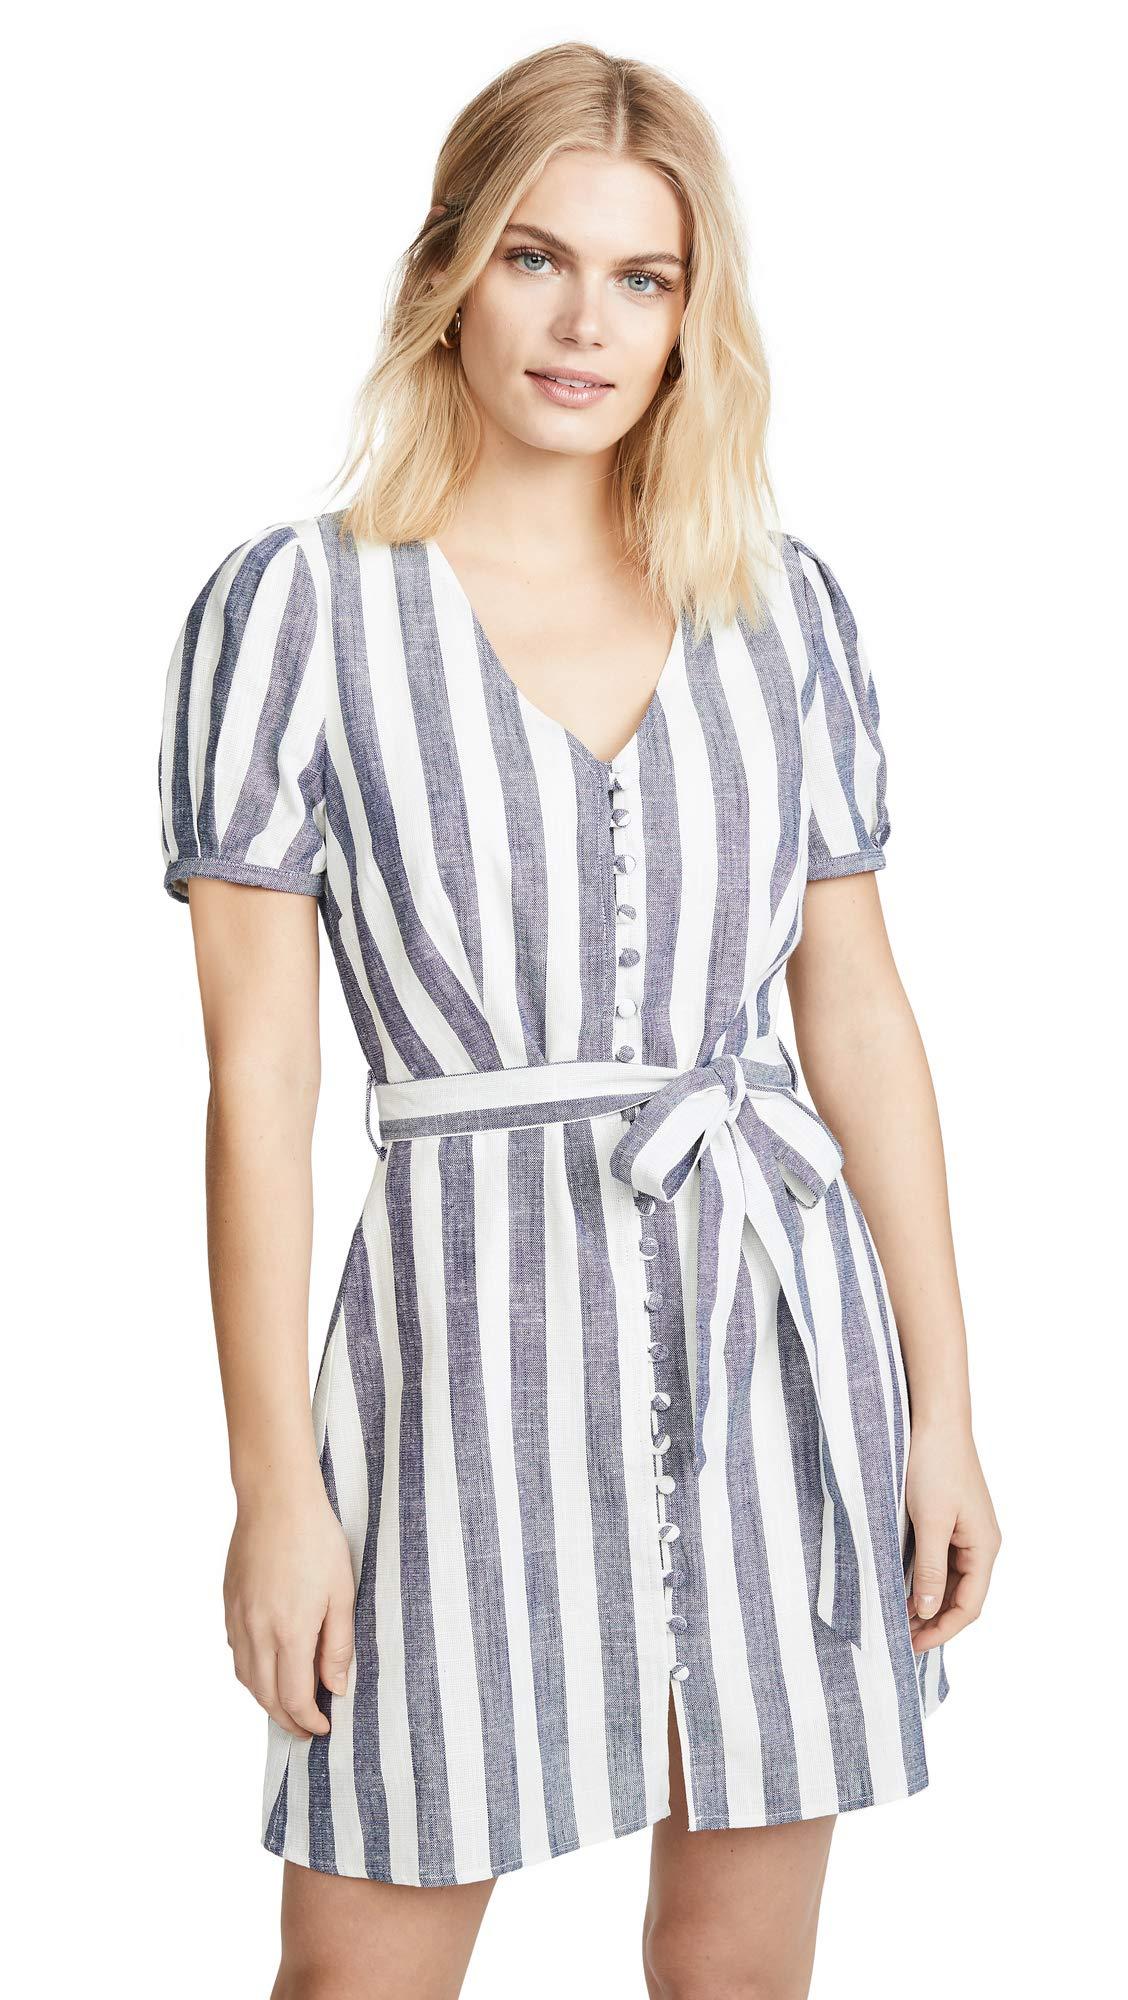 J.O.A. Women's Striped Mini Dress